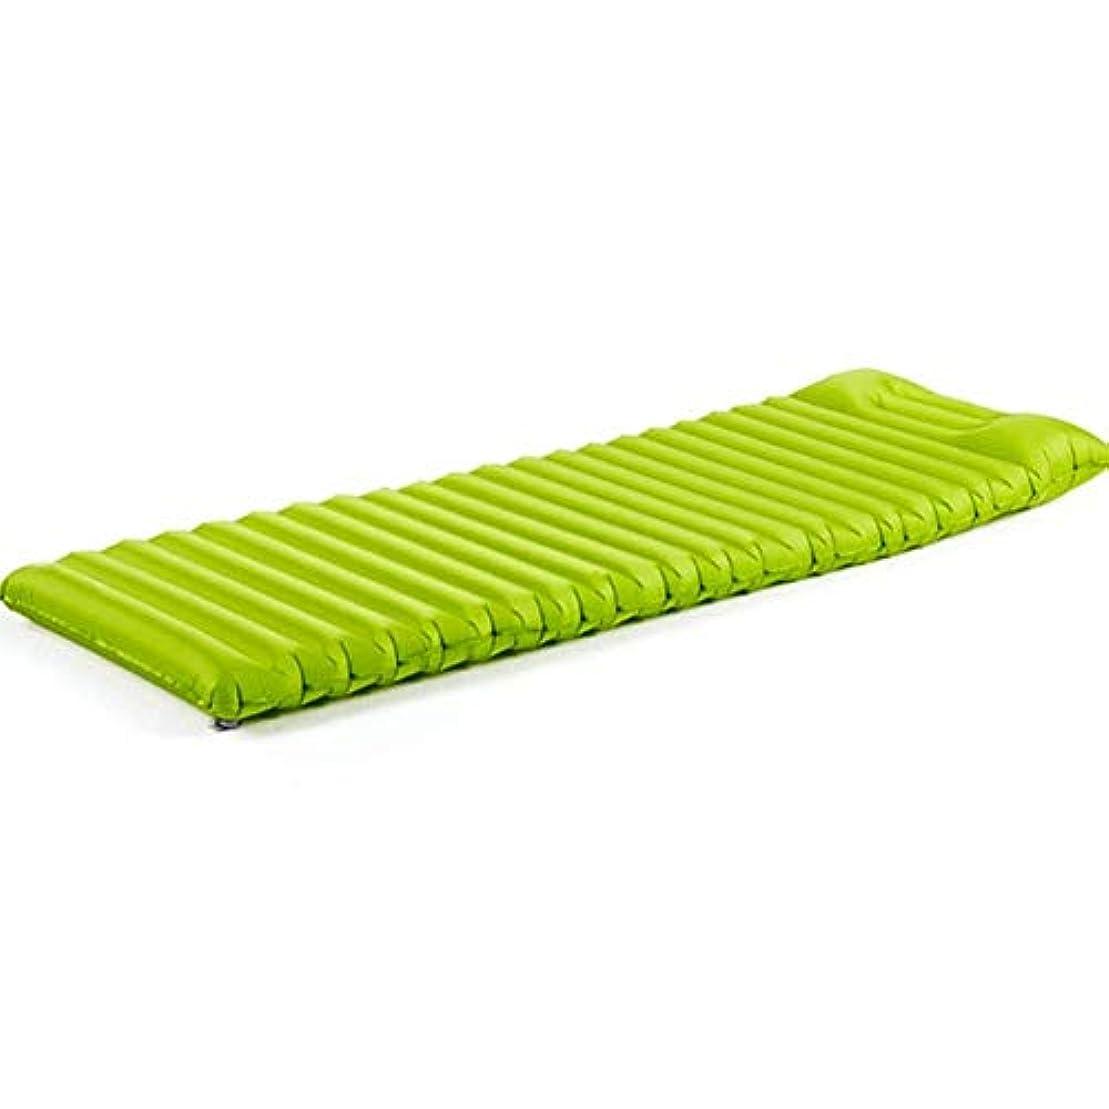 差し引く哲学博士未亡人エアバッグおよび枕が付いている膨脹可能な睡眠のマット、ビーチのためのロールマットの携帯用空気ベッドを膨脹させる超軽量のキャンプのマットレスの寝袋